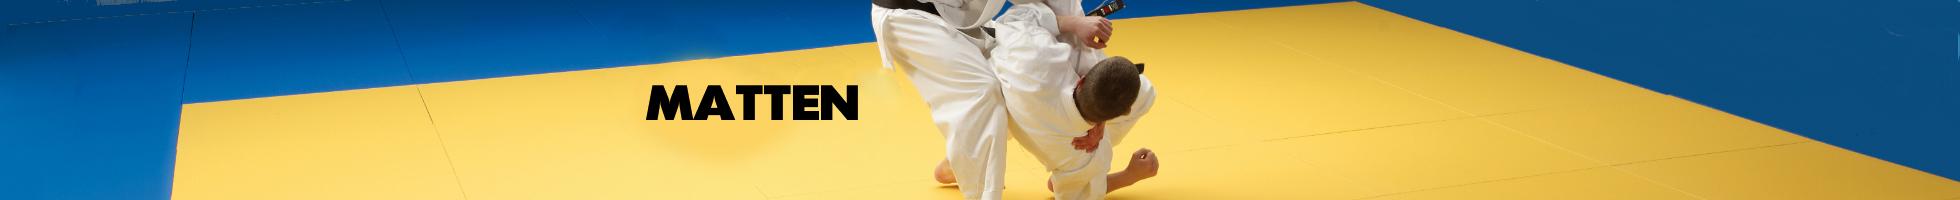 Judomatten